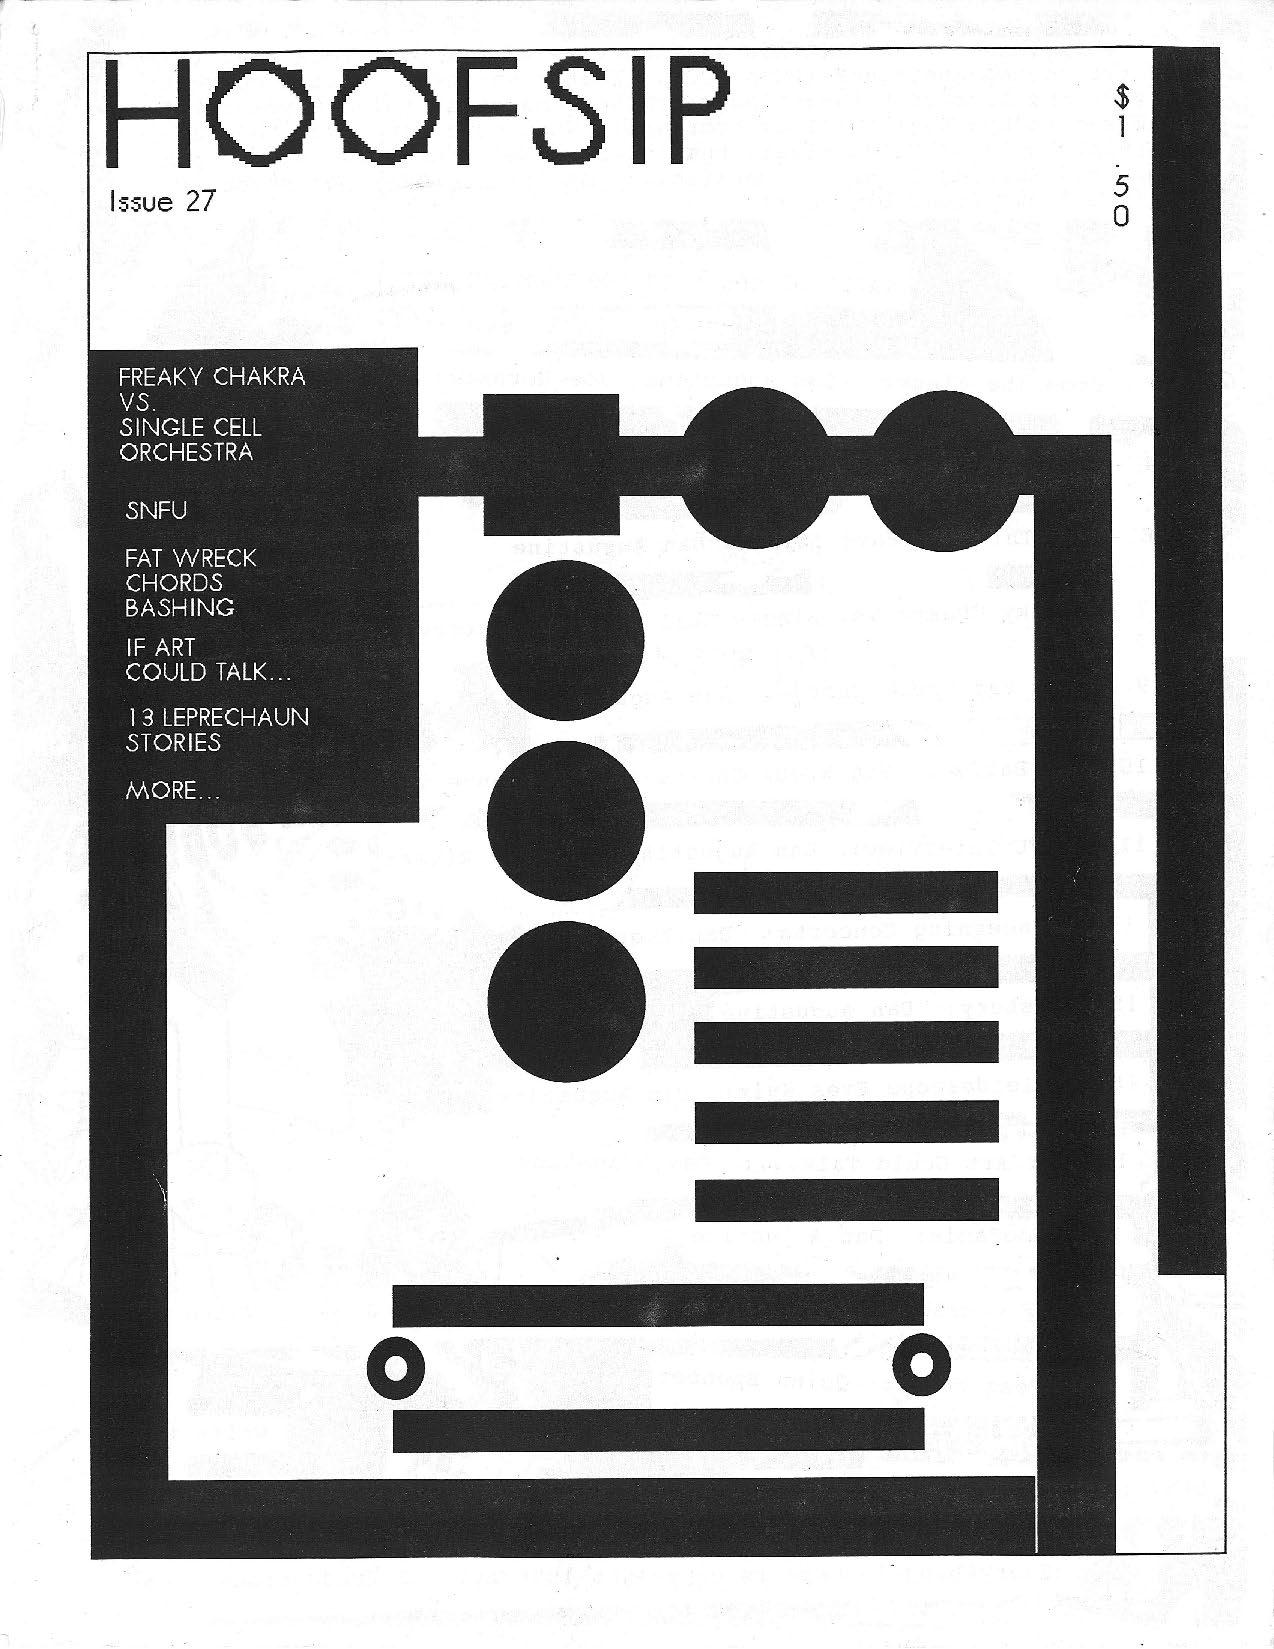 HOOFSIP #27 Cover